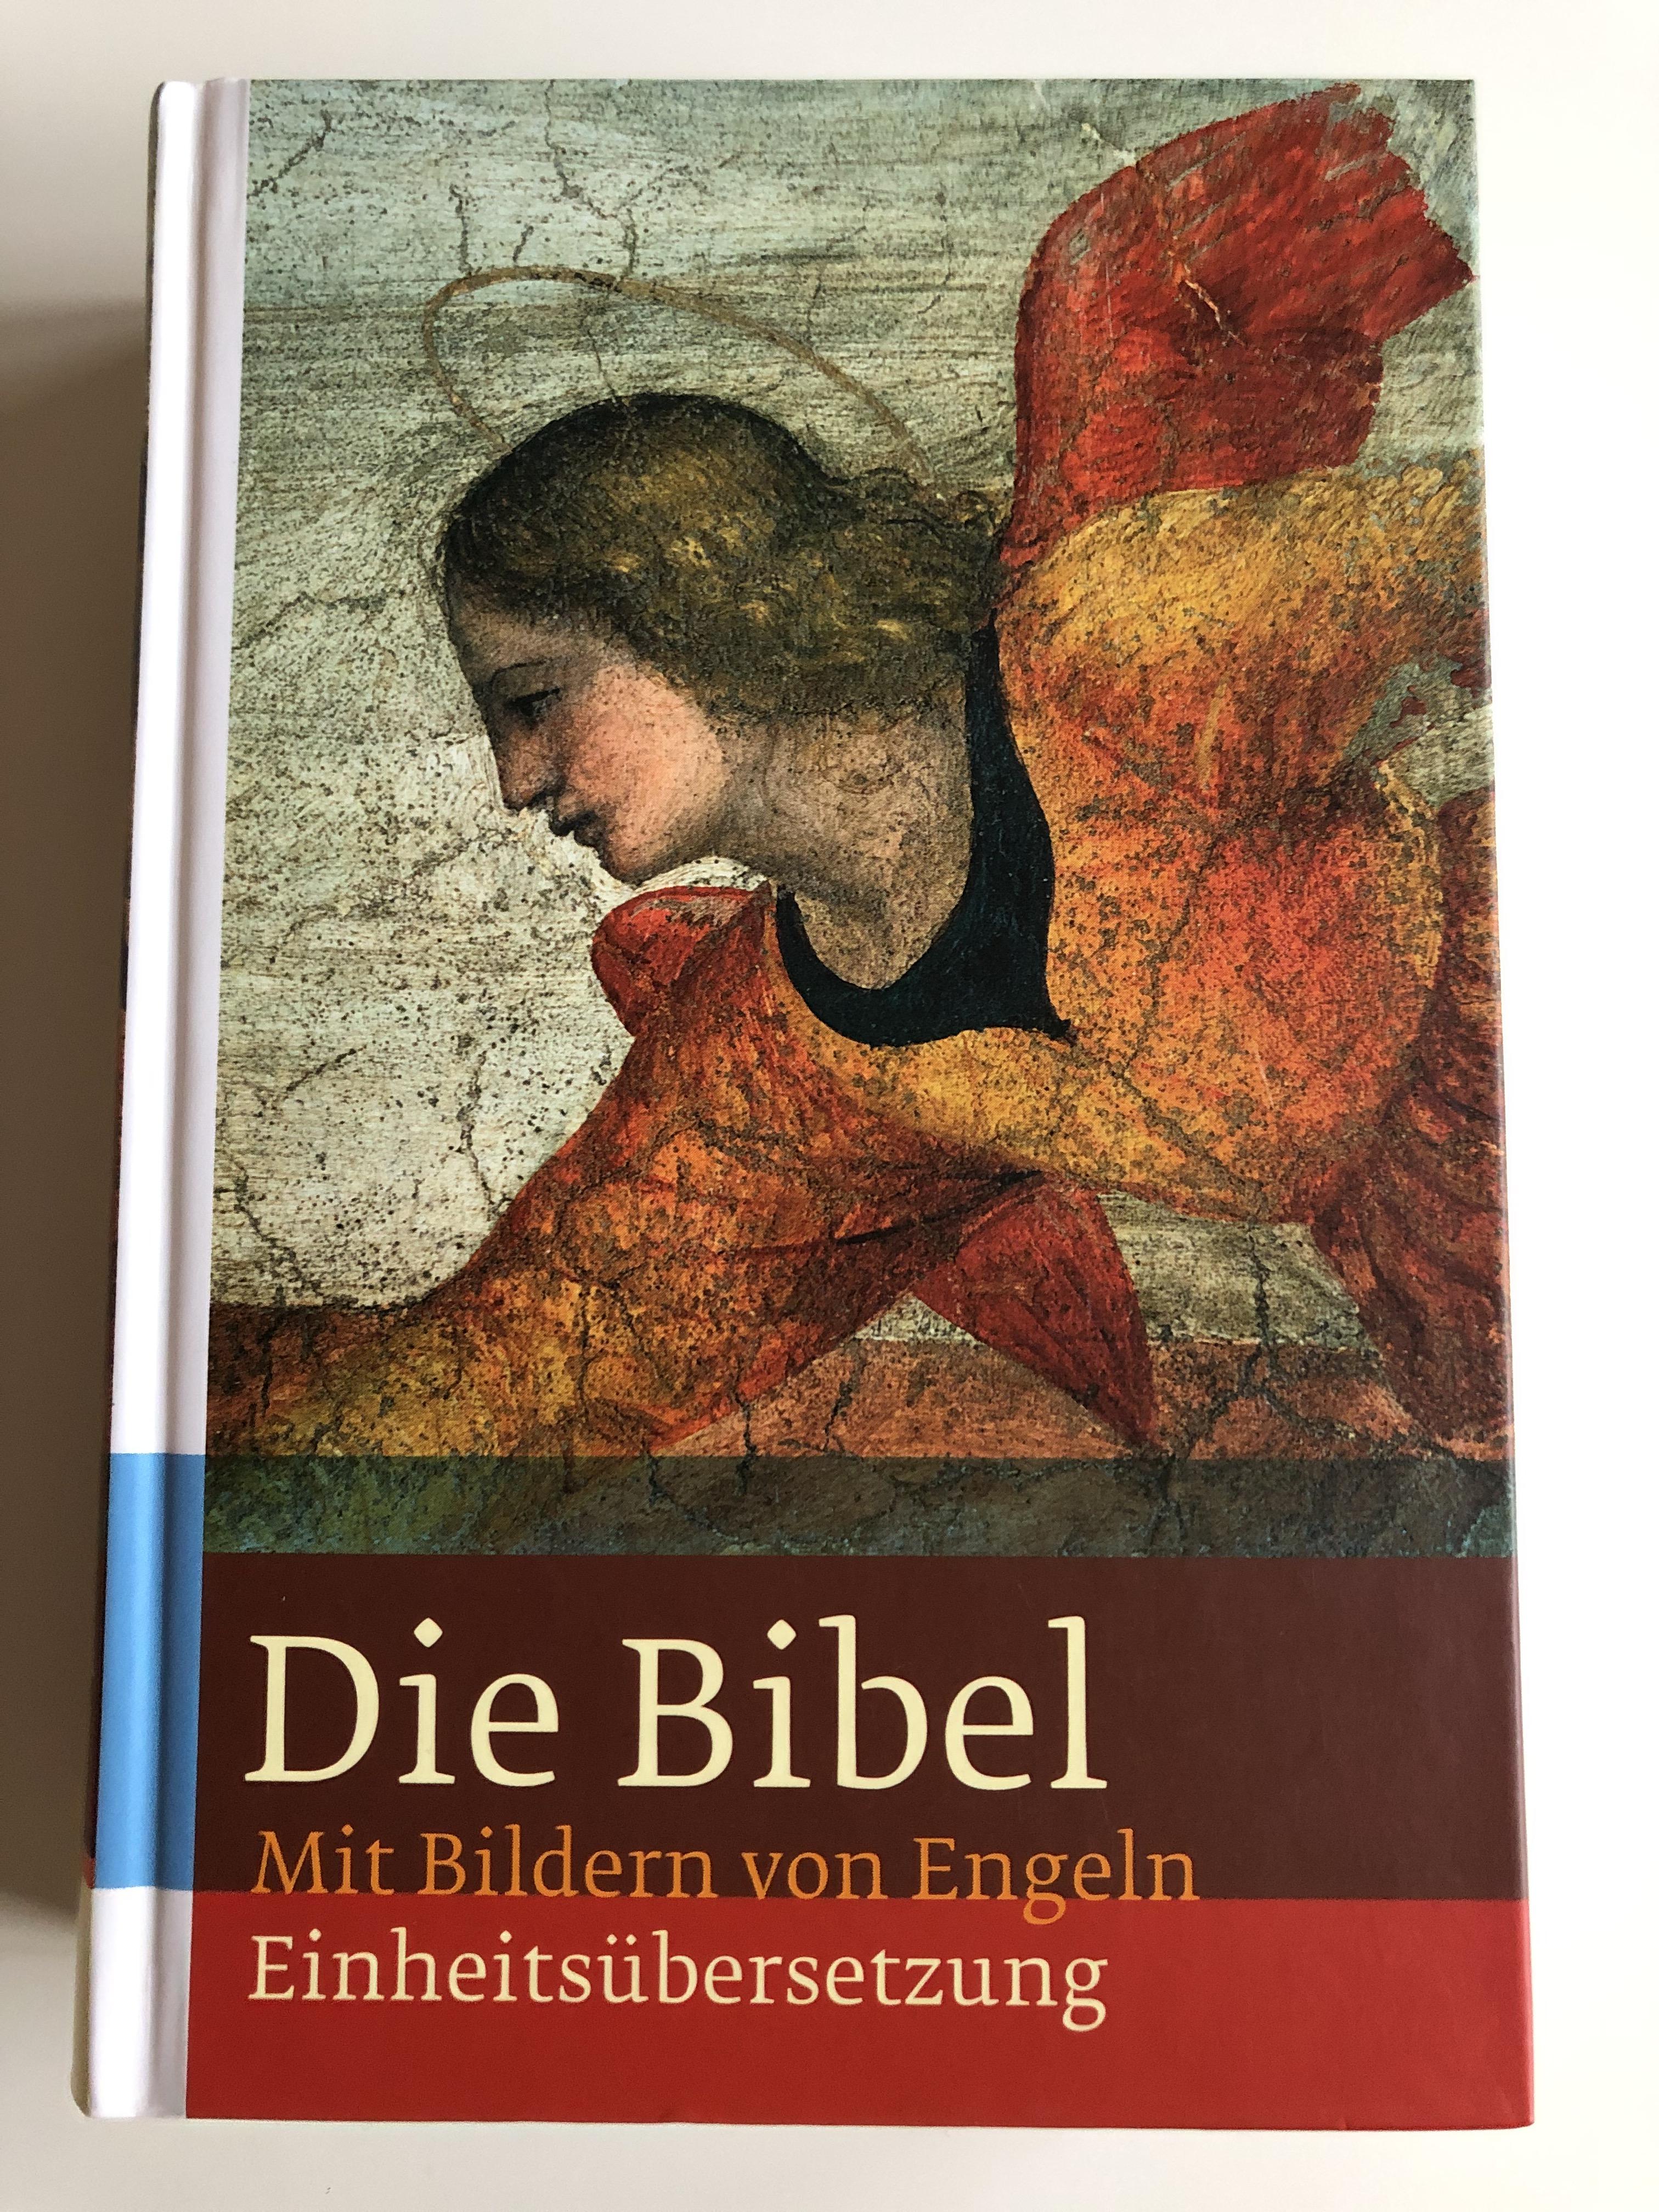 illustrated-german-bible-die-bibel-mit-bildern-von-engeln-1.jpg